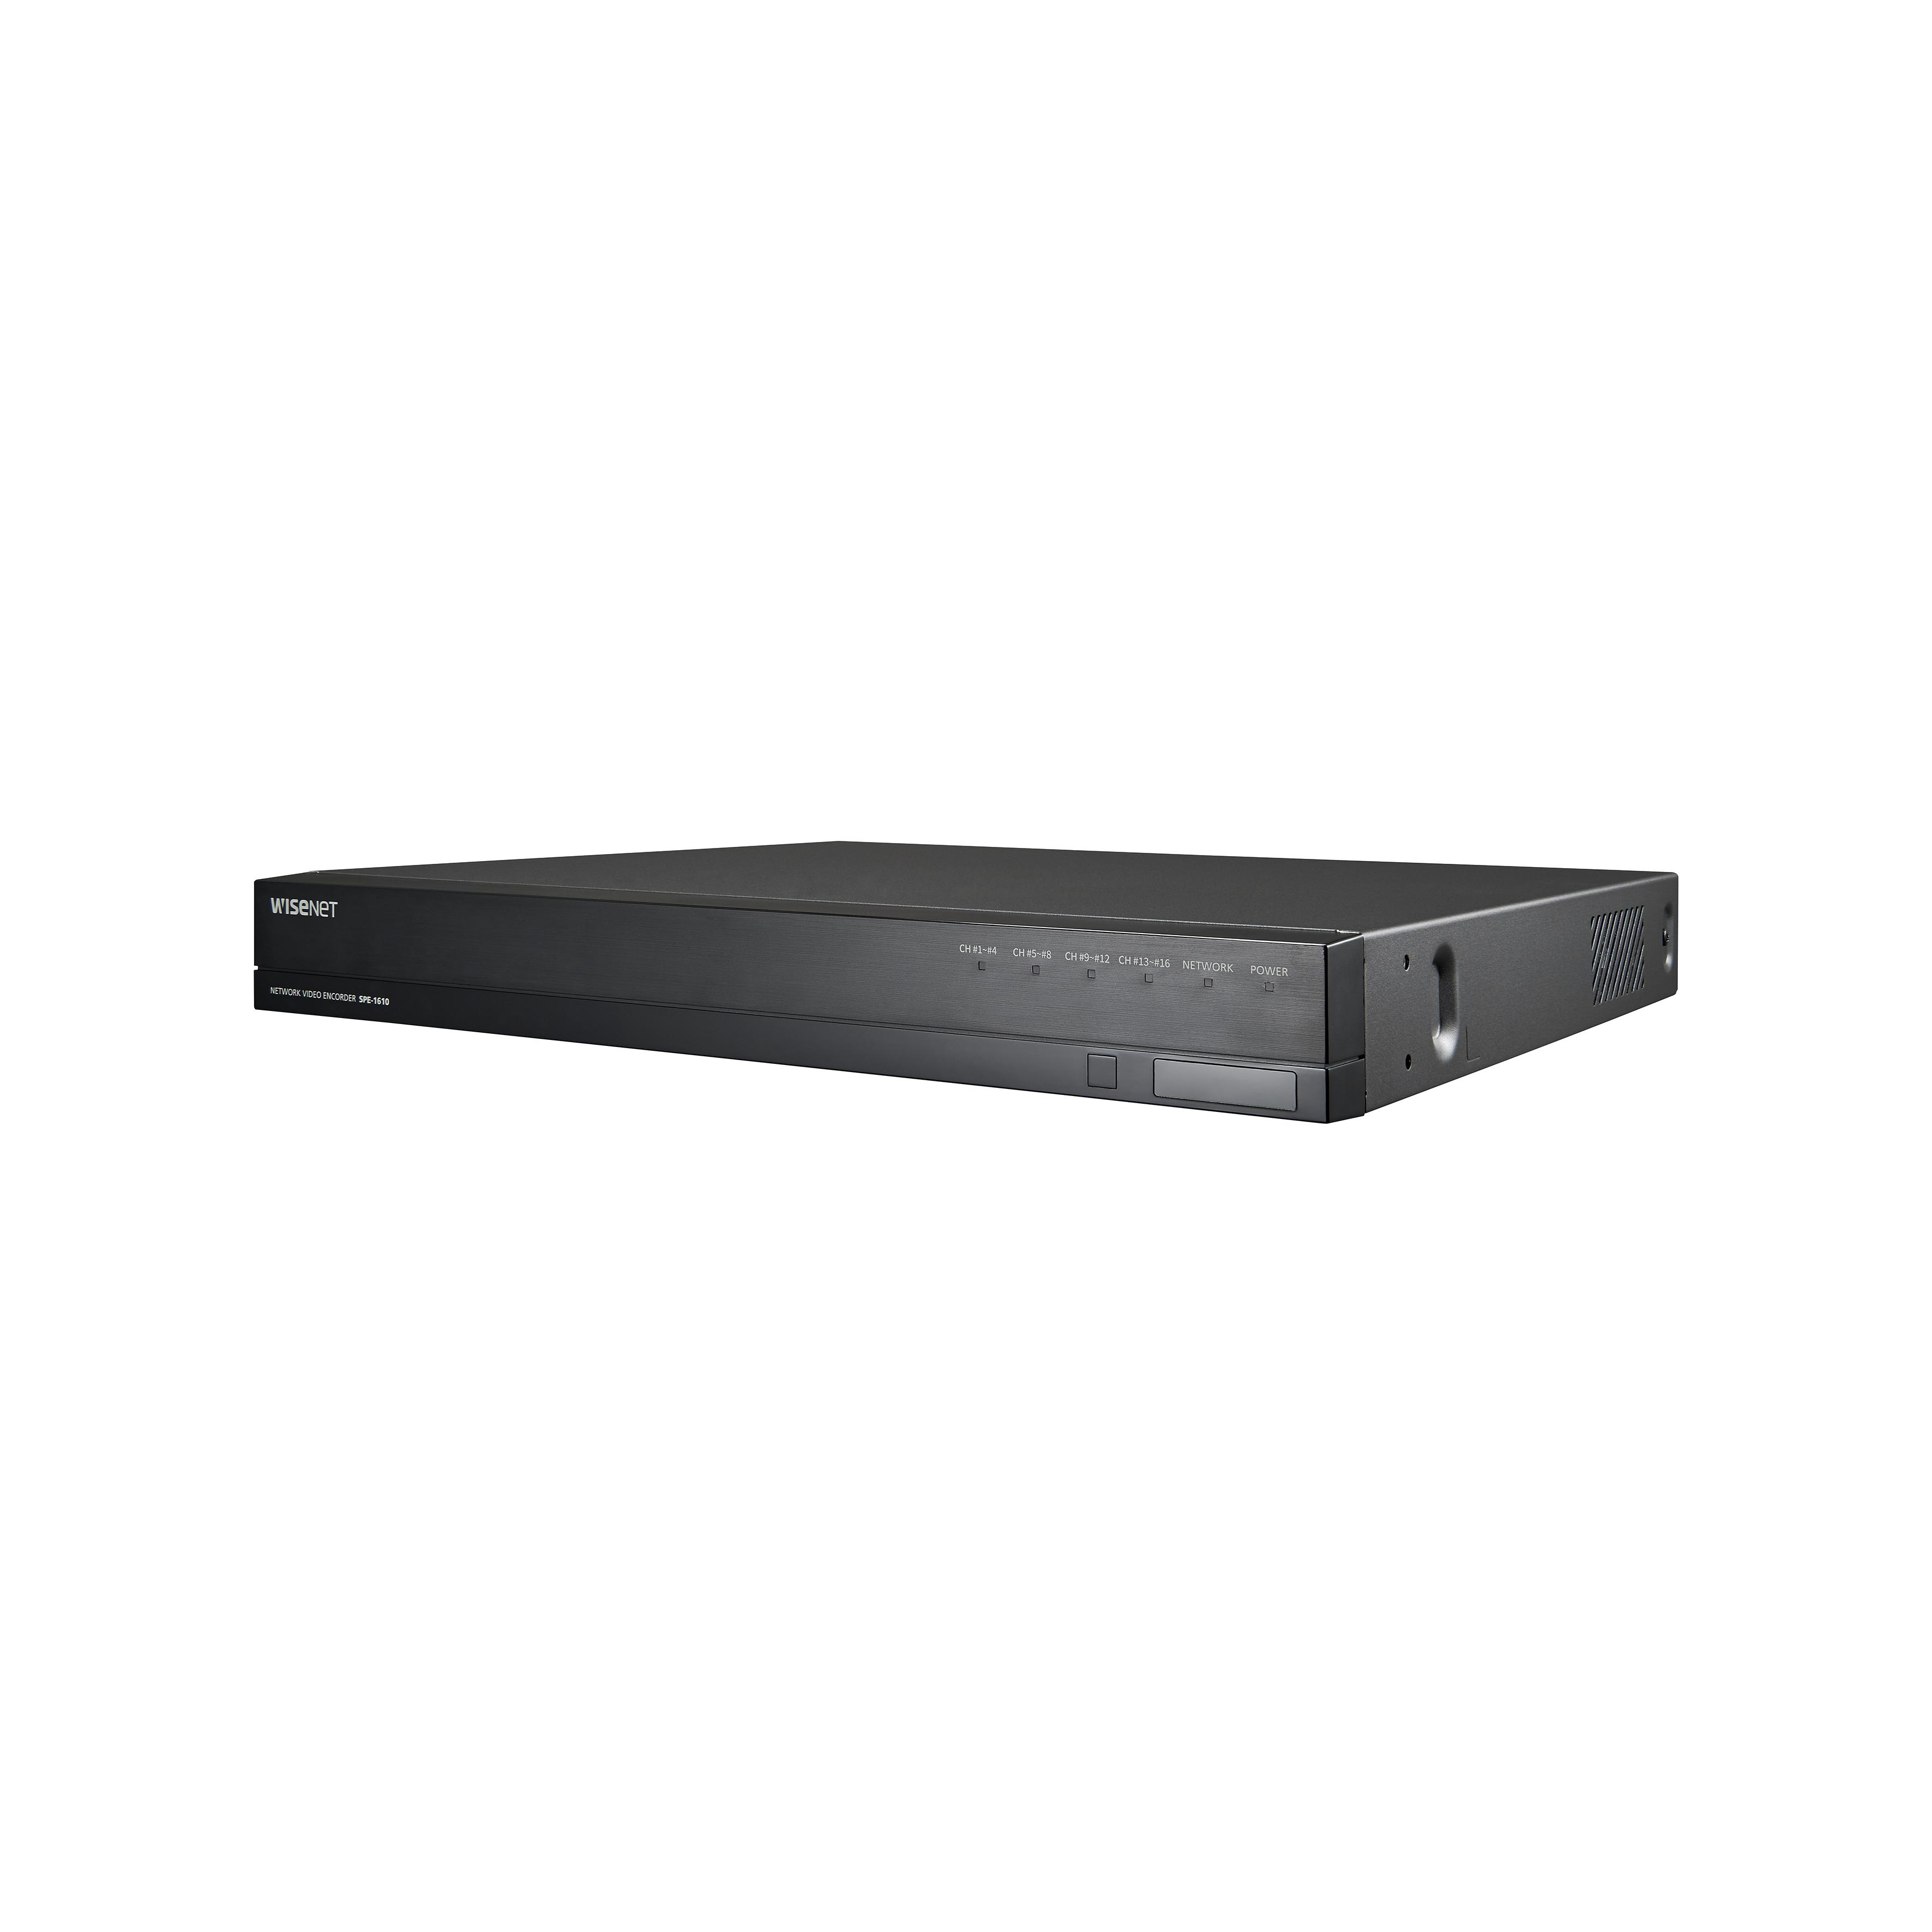 Wisenet Samsung SPE-1610P